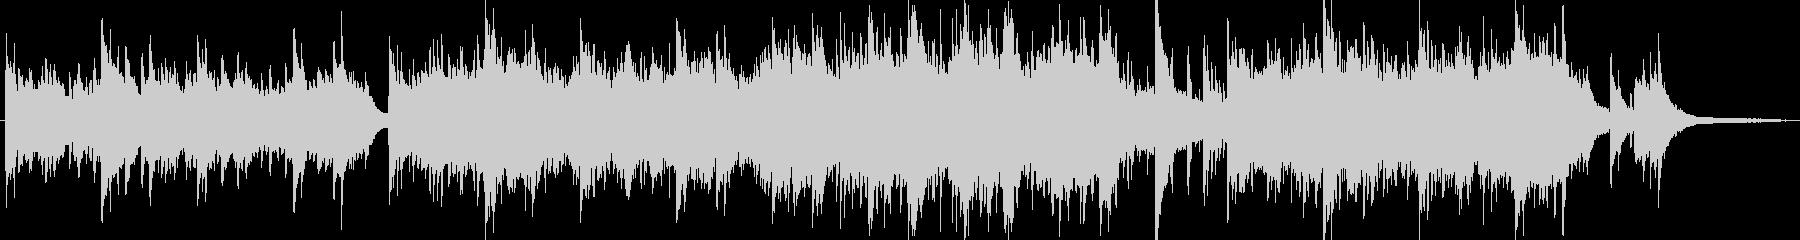 ピアノによるシンセバラード曲の未再生の波形